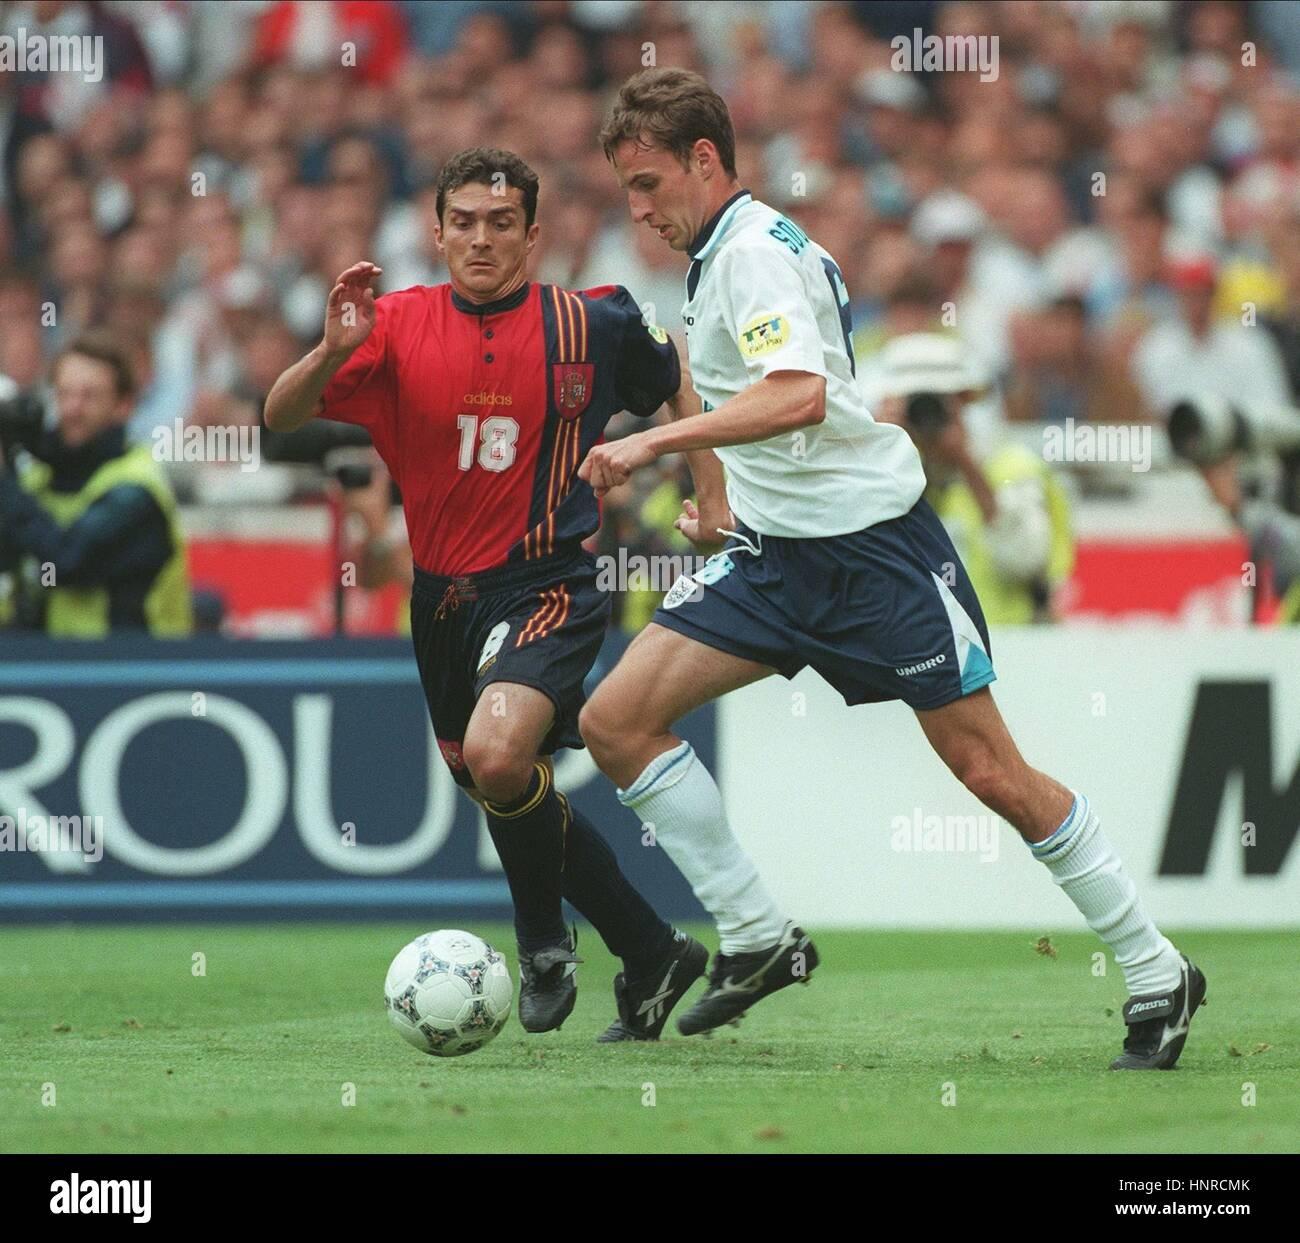 GARETH SOUTHGATE GUILERMO AMOR Inglaterra contra España el 22 de junio de 1996 Imagen De Stock